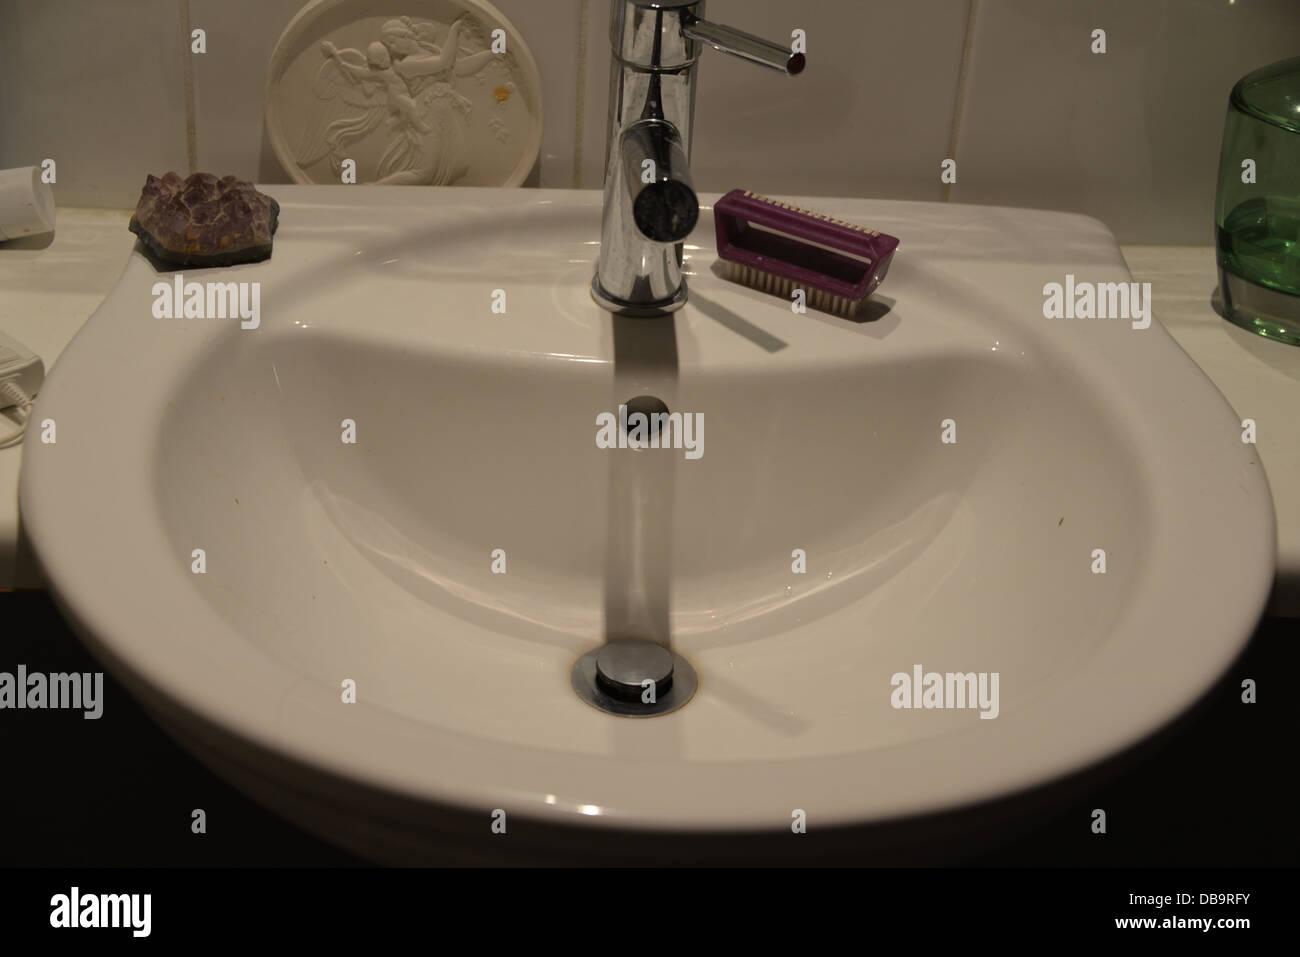 Badezimmer Waschbecken Unterschrank weiß mit silbernen Hahn Mixer ...